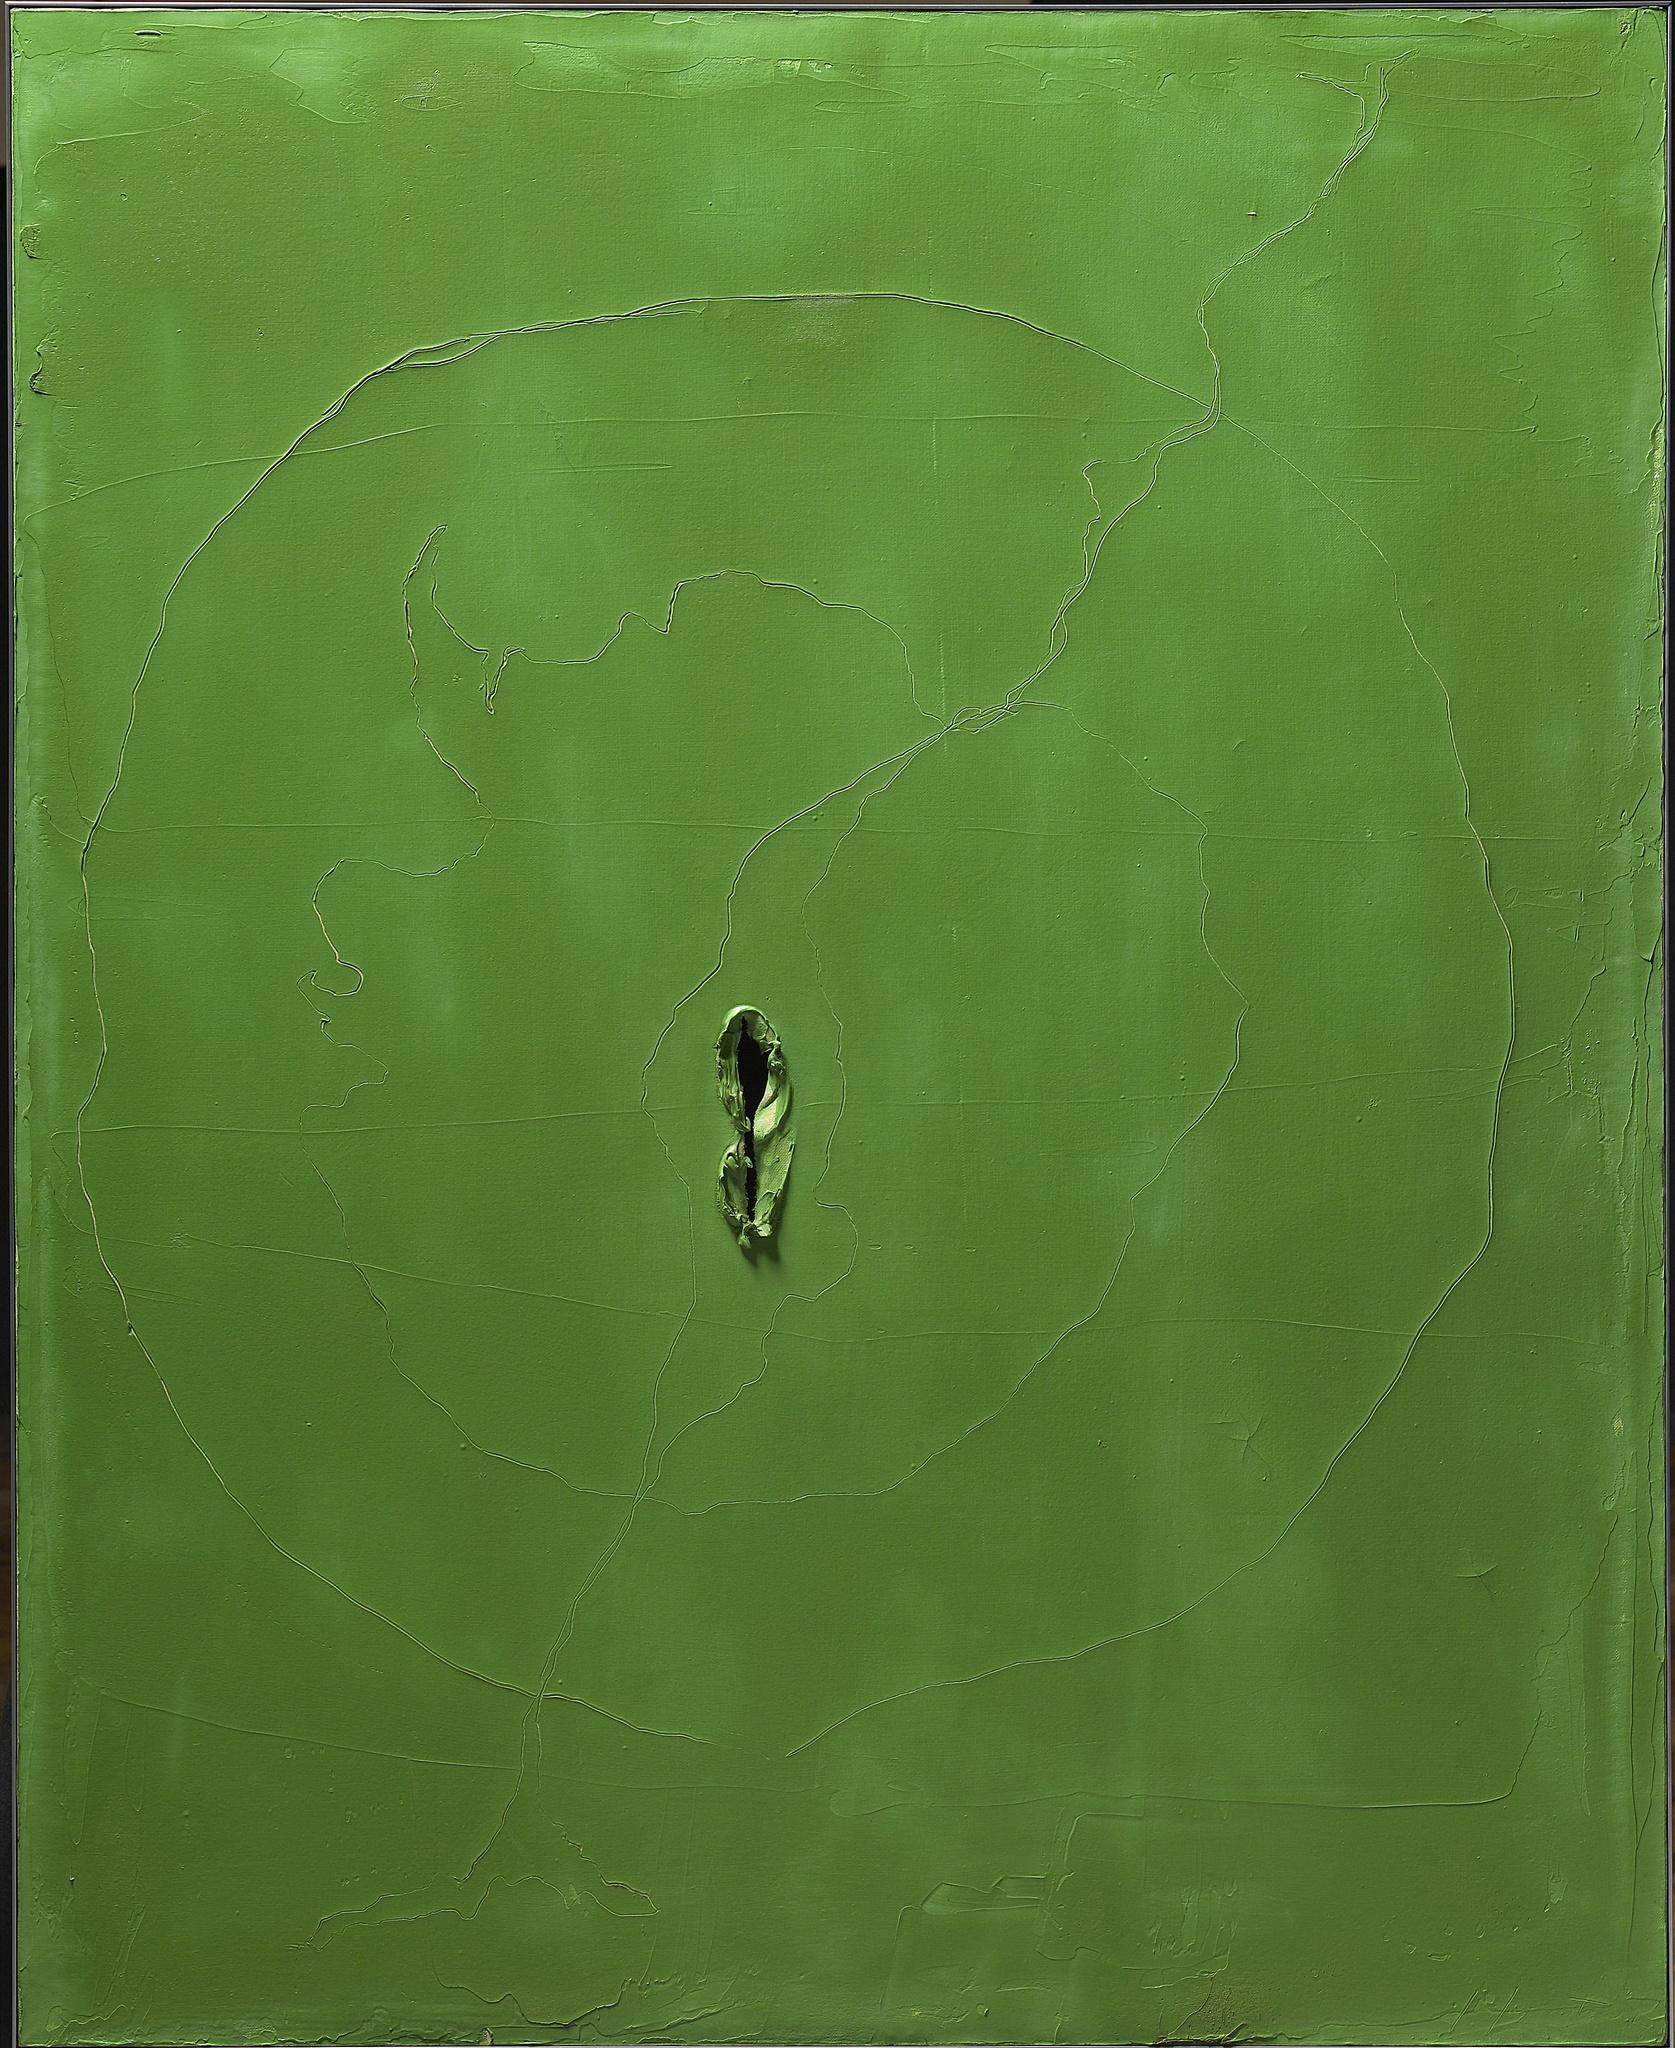 Lucio Fontana,  Rosario de Santa Fé 1899 – 1968 Comabbio  Concetto Spaziale, Attesa , 1962 Signed lower right: l. fontana Oil, cuts and sgraffito on canvas 101 x 81 cm / 39.7 x 31.8 in